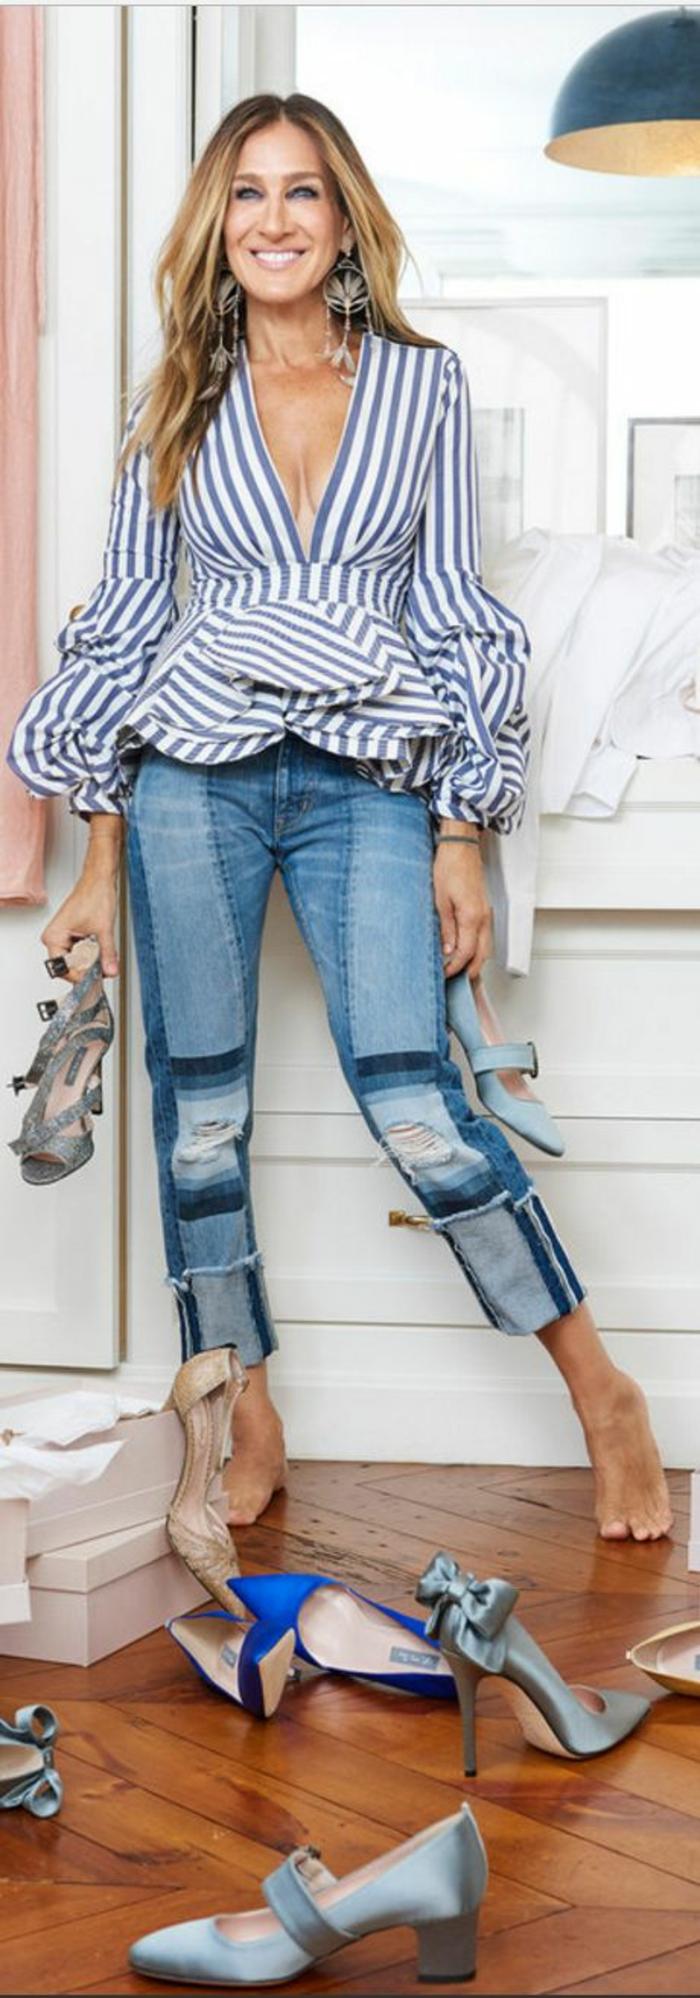 Femme petite tenue tenue reveillon comment s habiller et quelles chaussures associer